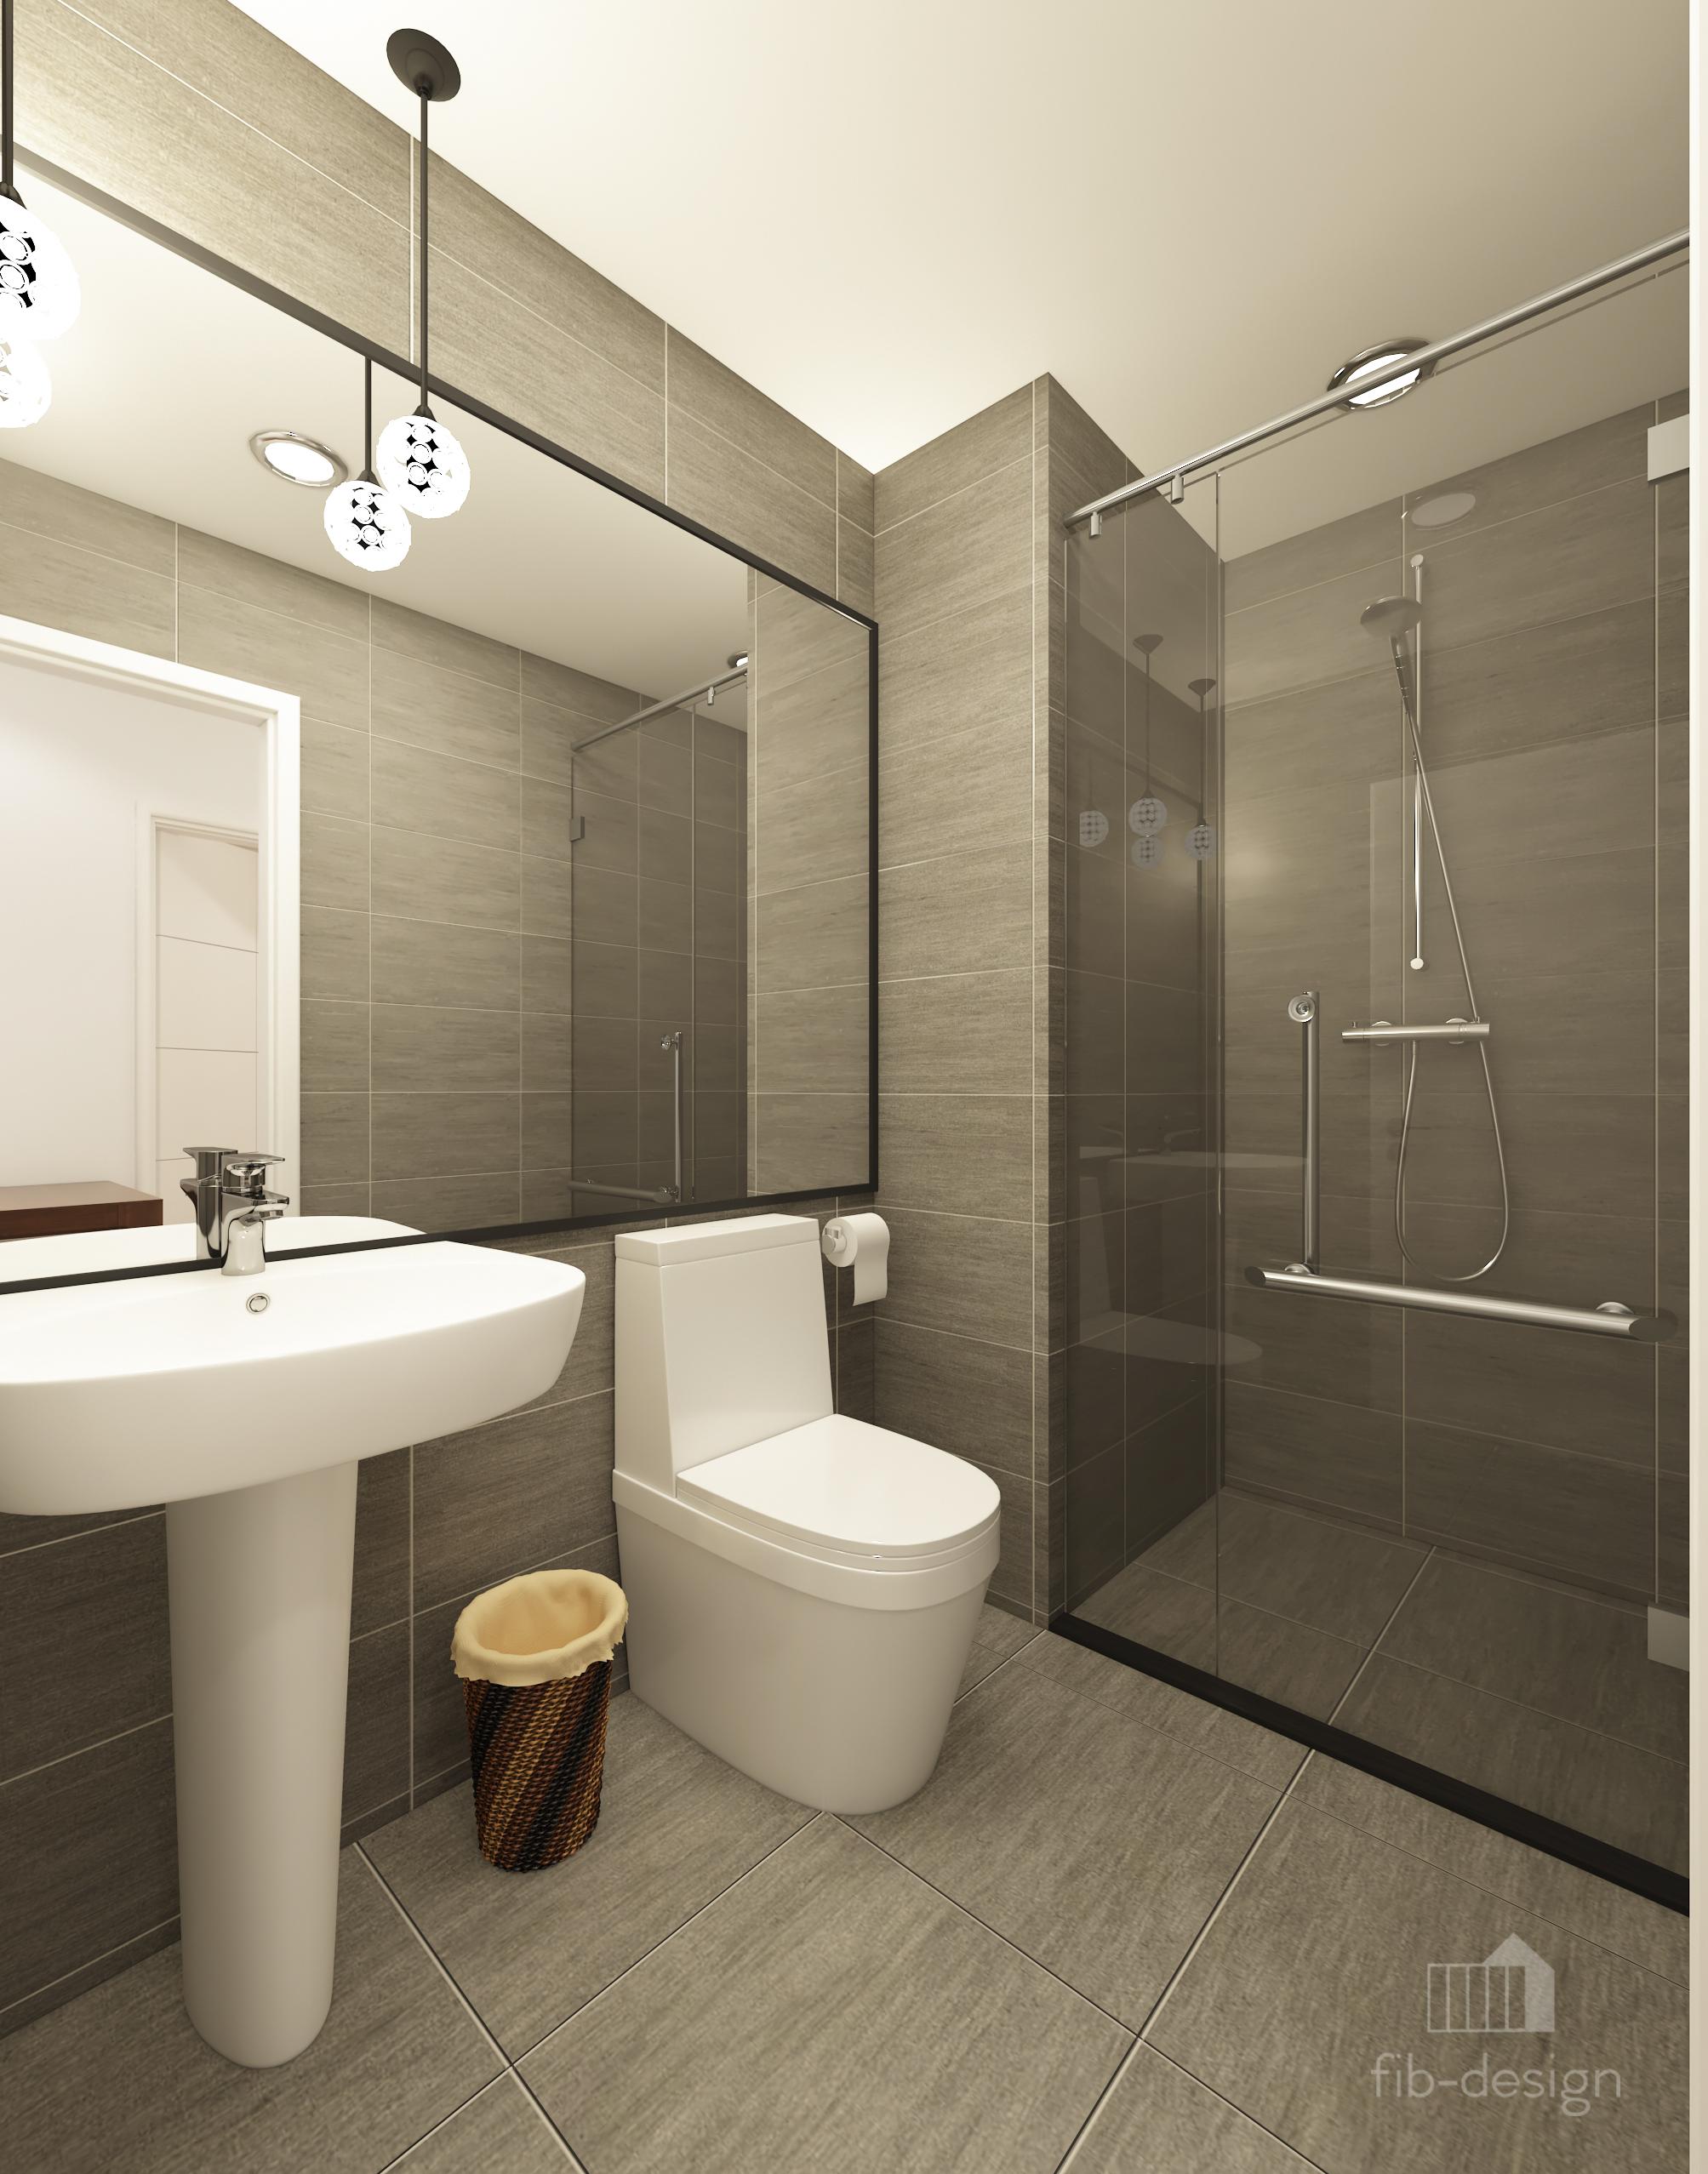 thiết kế nội thất chung cư tại Hà Nội P714 Chung cư GOLDSiLK 19 1544083450